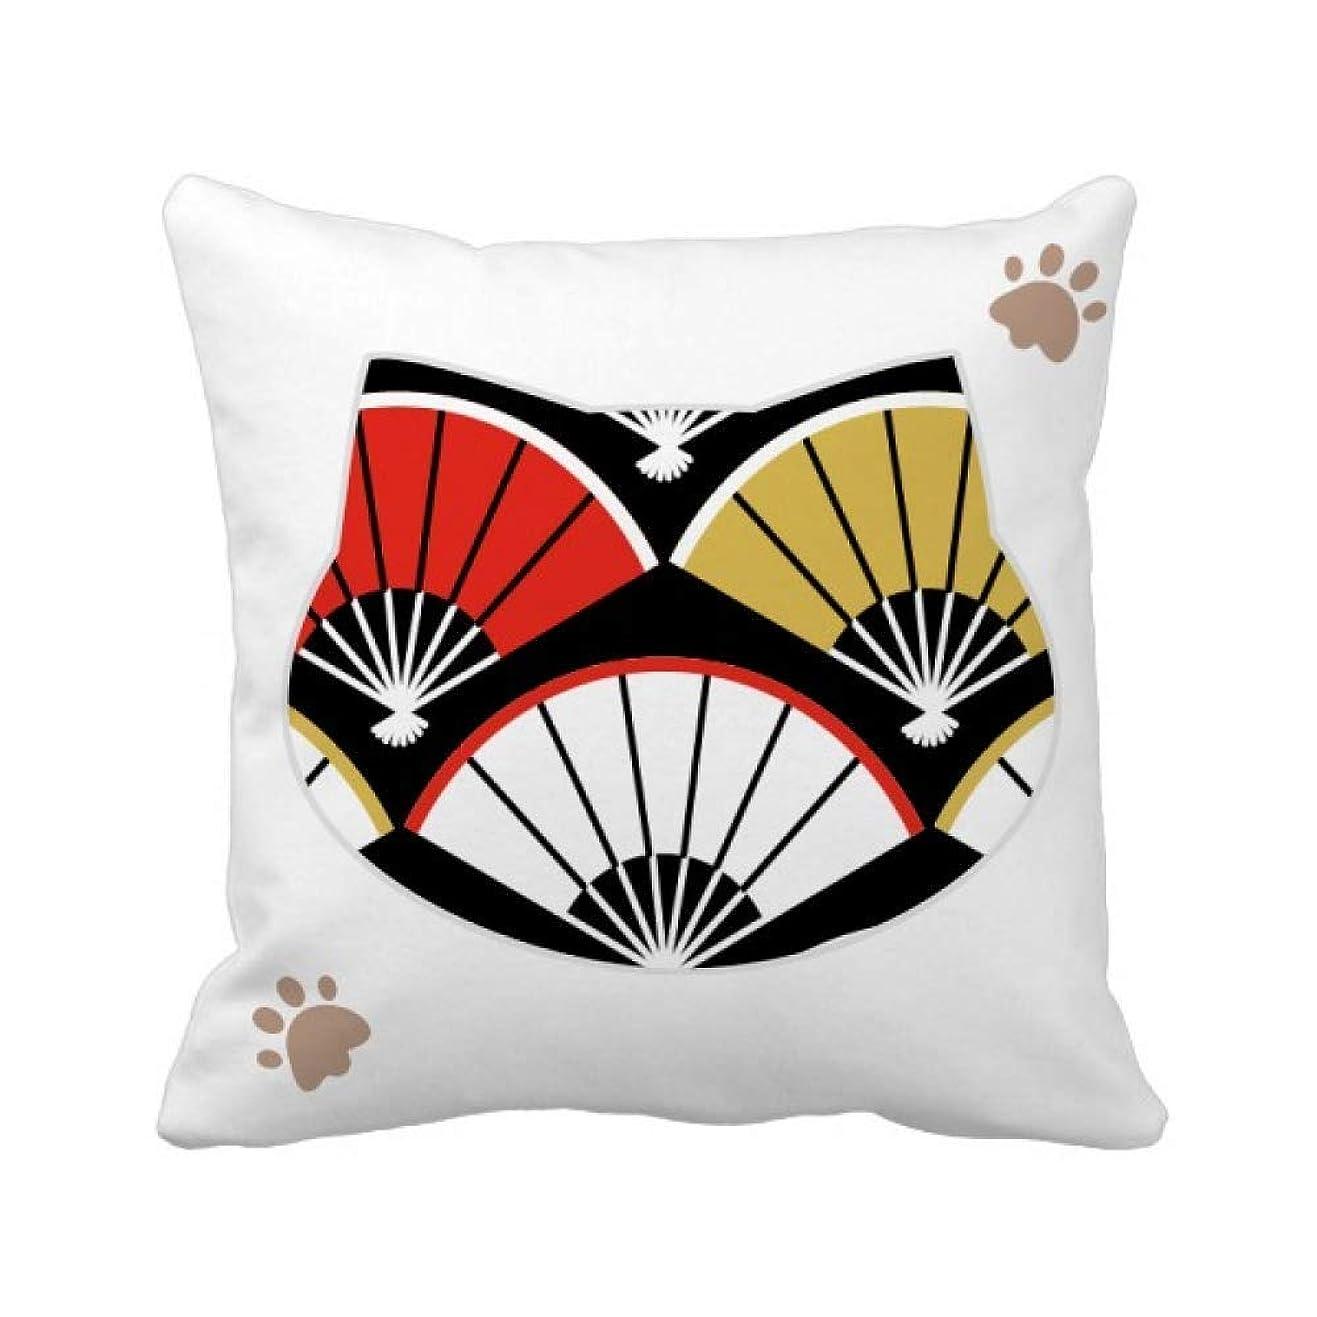 削除する水平天窓赤と黒の金色の扇子 枕カバーを放り投げる猫広場 50cm x 50cm